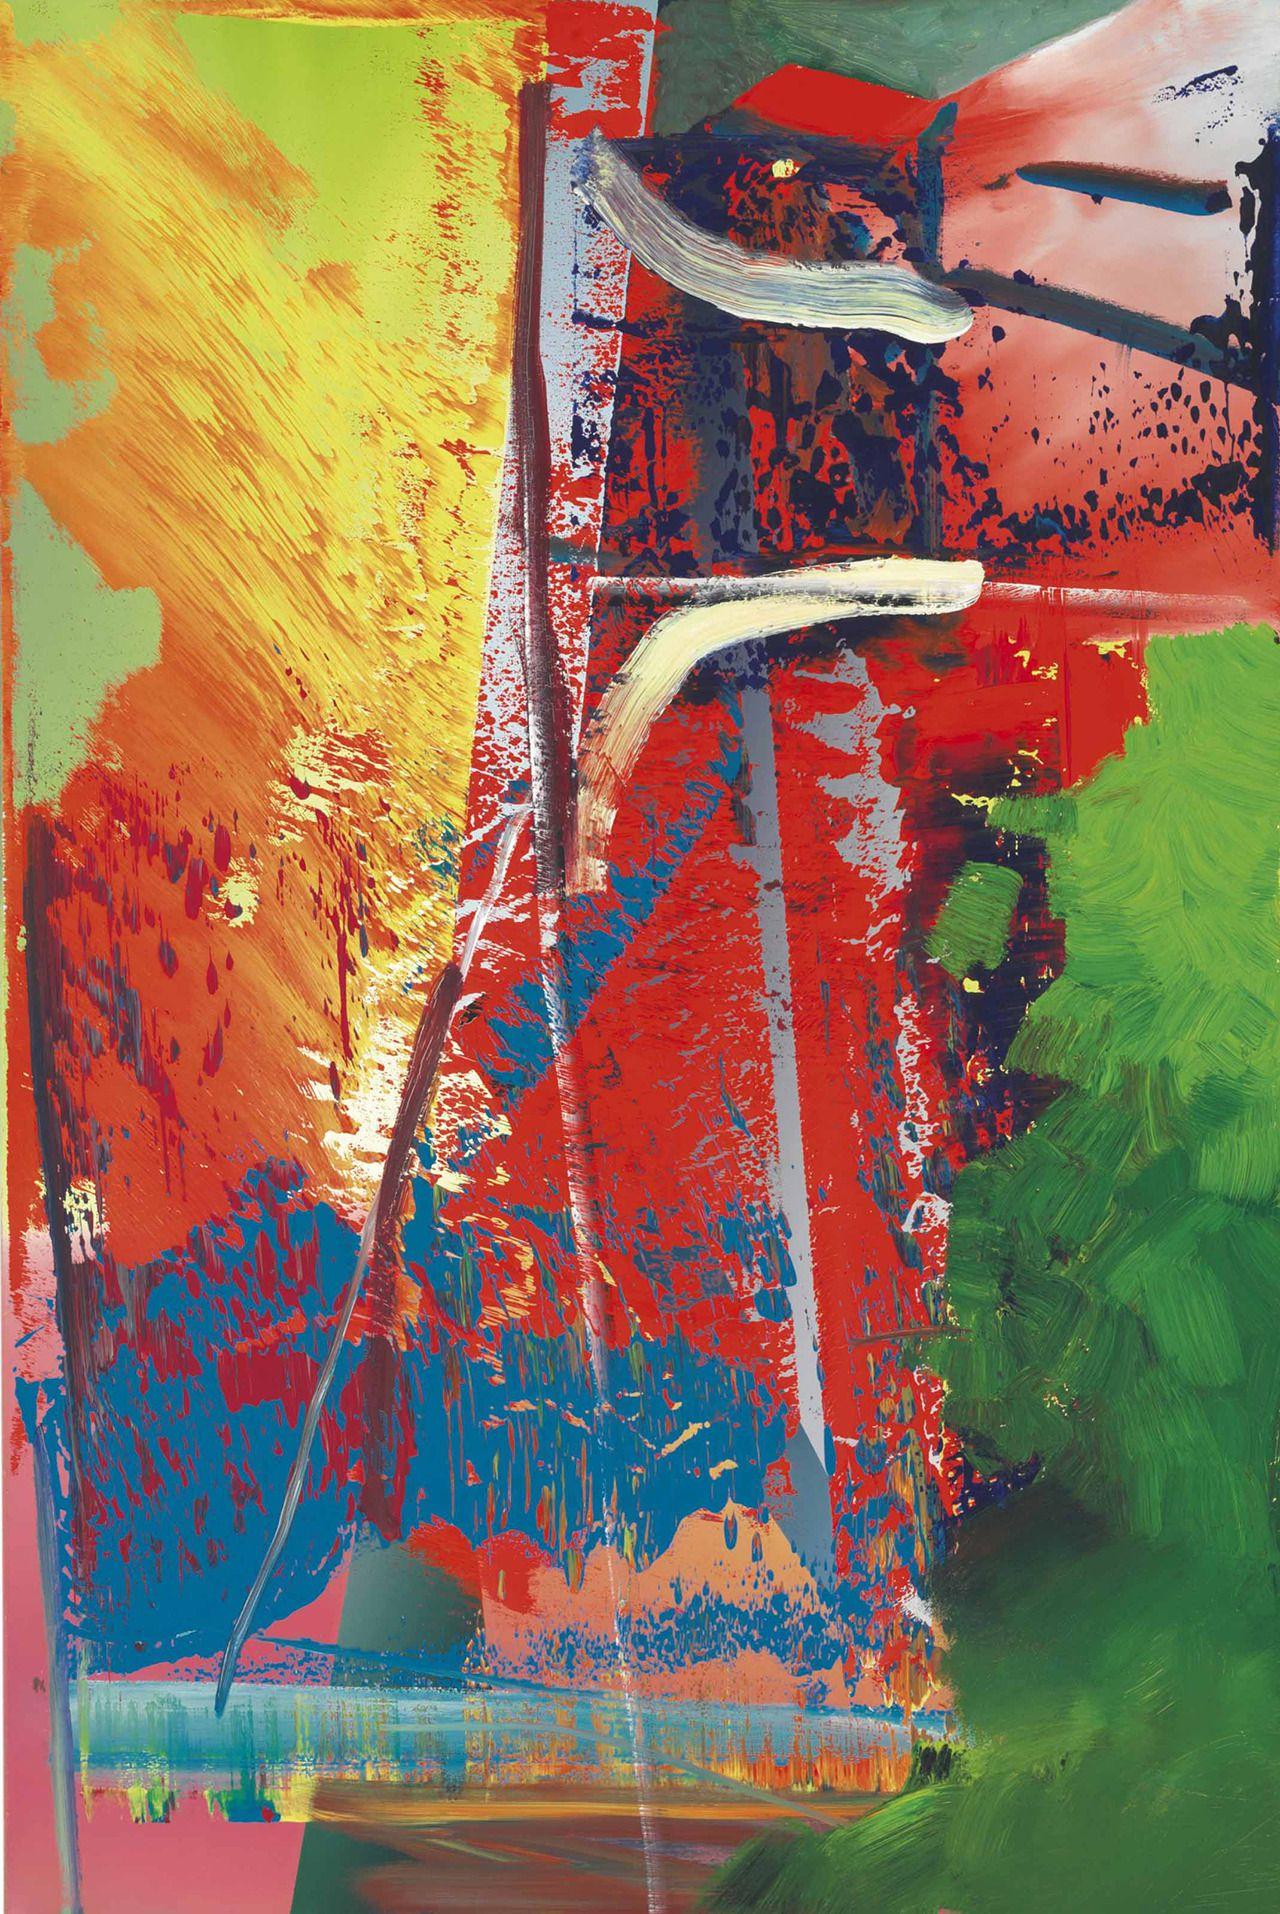 gerhard richter abstraktes bild 1986 european art abstract artwork abstrakte kunst malerei berühmte bilder